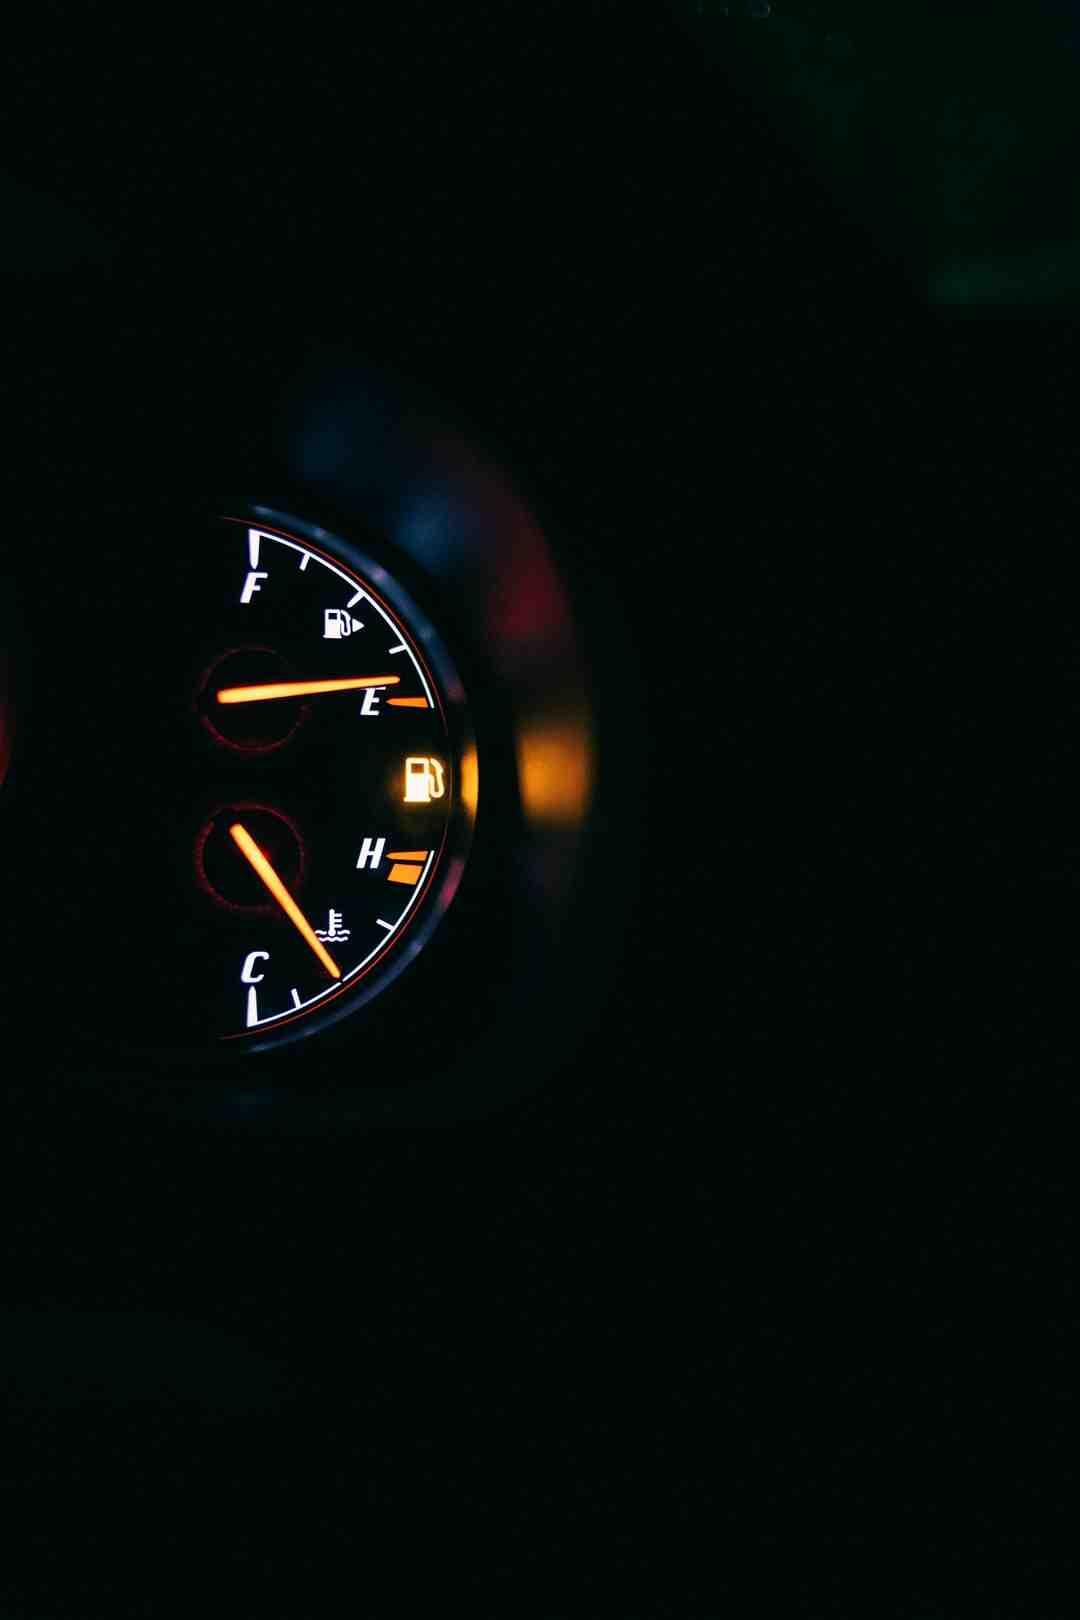 Pourquoi mon véhicule consomme trop de carburant ?